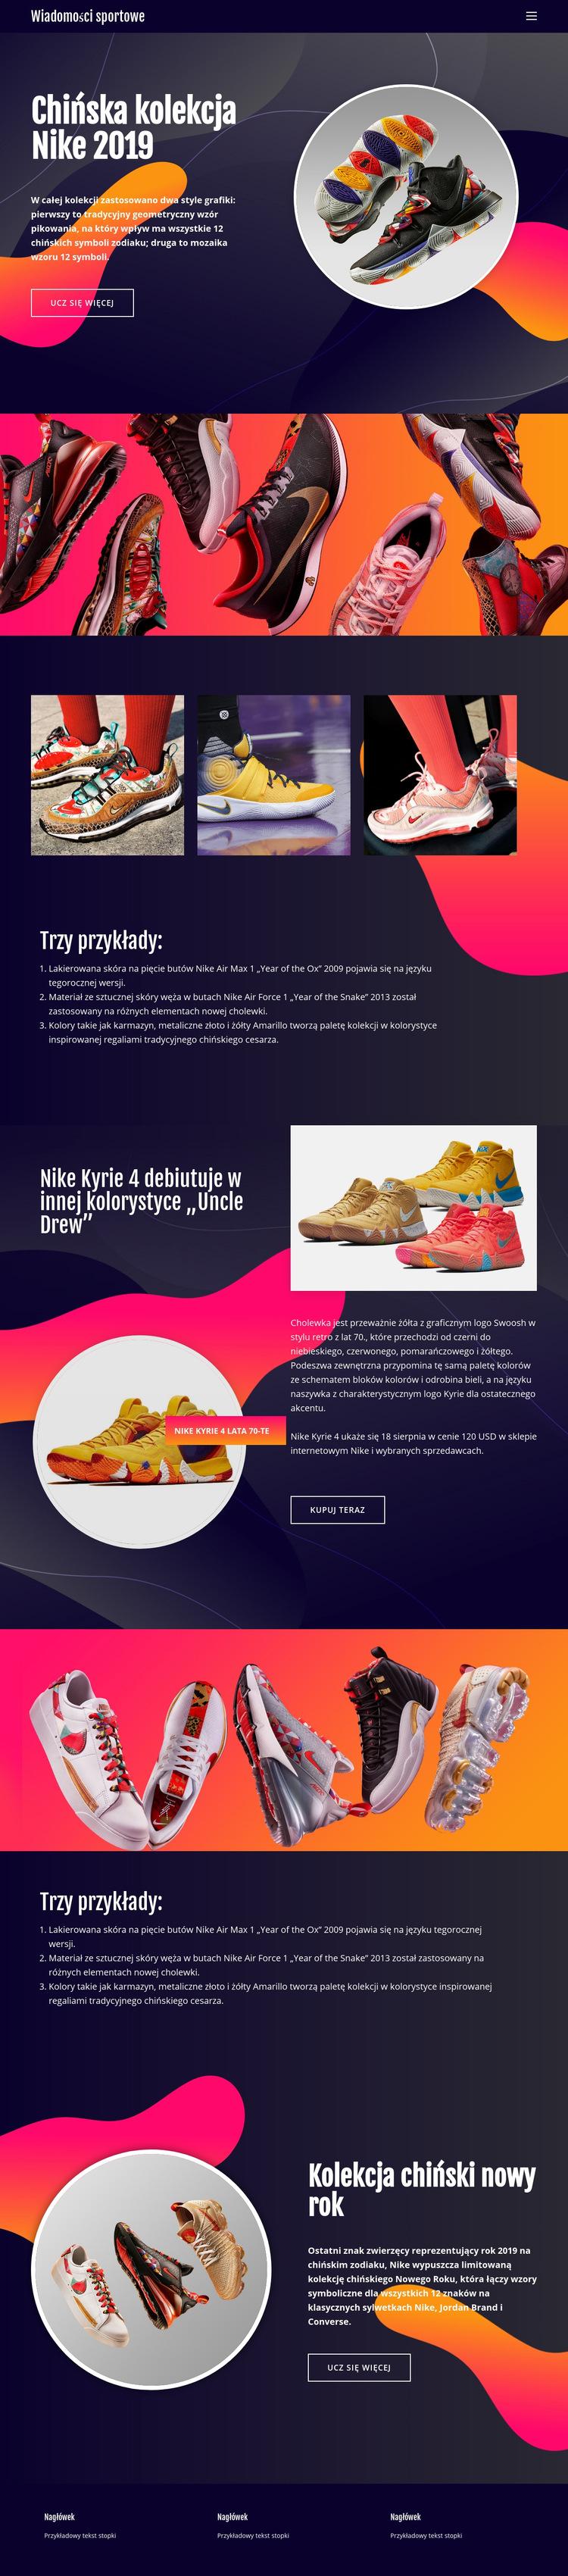 Kolekcja Nike Szablon witryny sieci Web